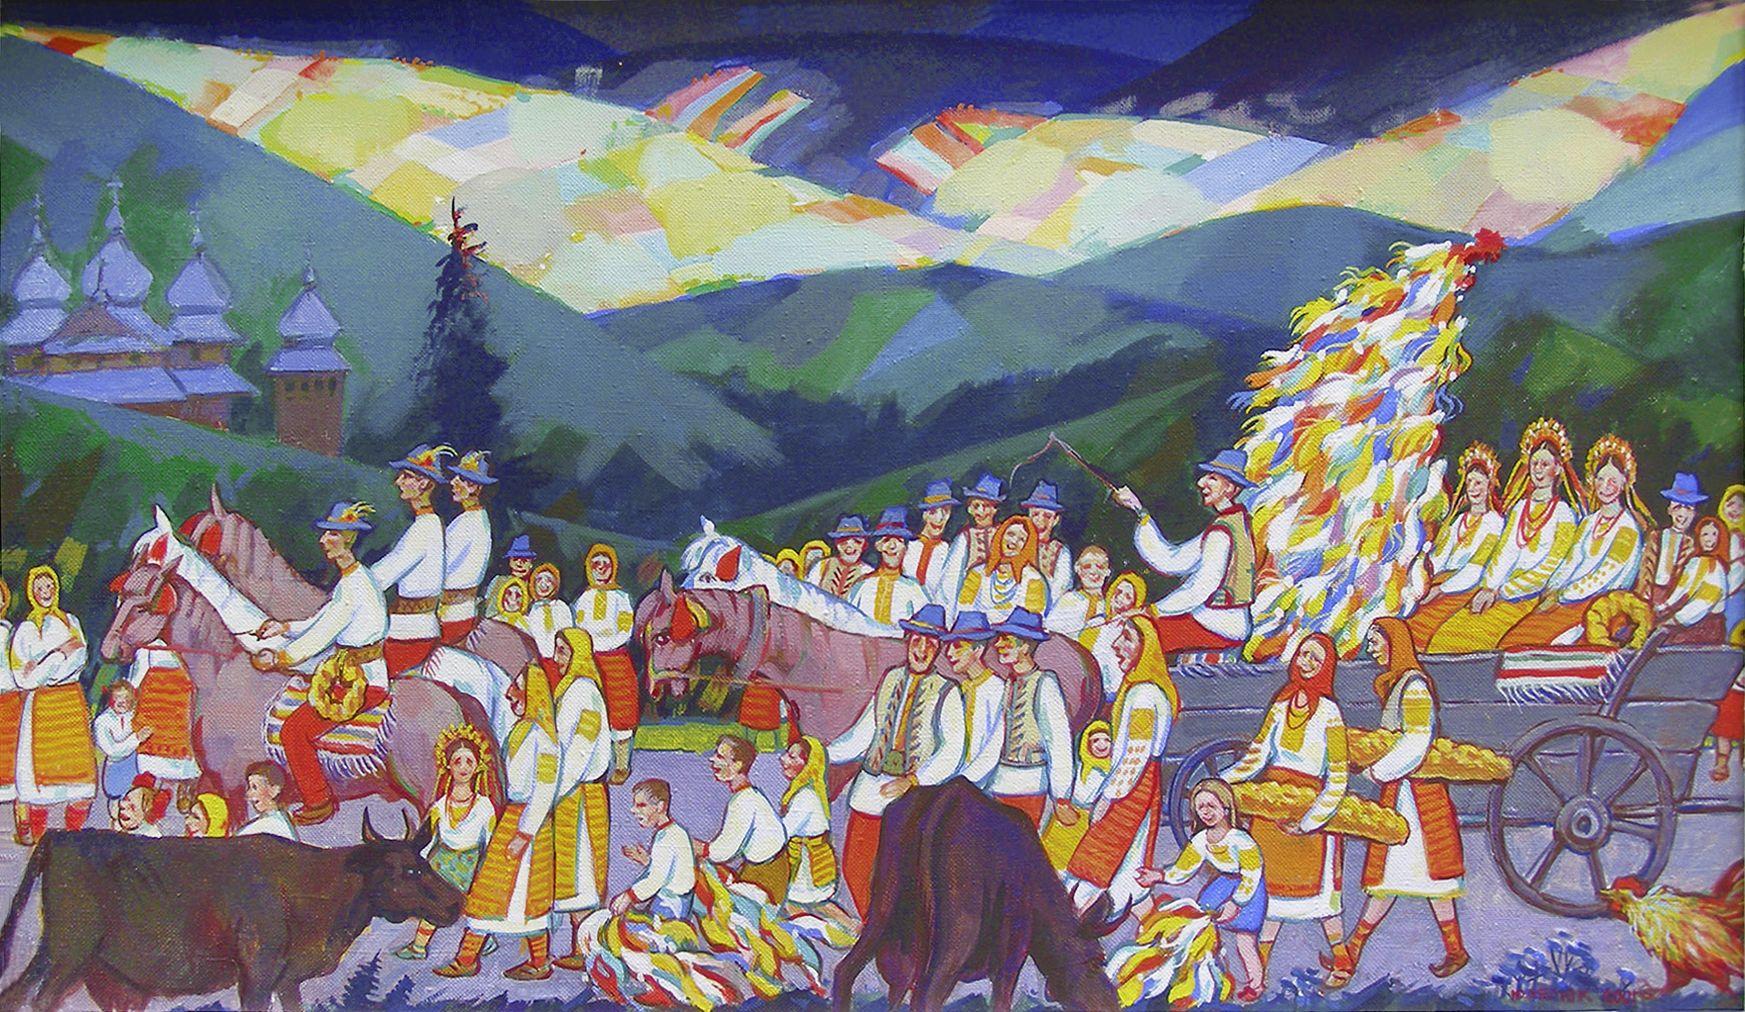 Юрій Лесюк. Таке було недавно, 2001; папір, акрил; 65-110